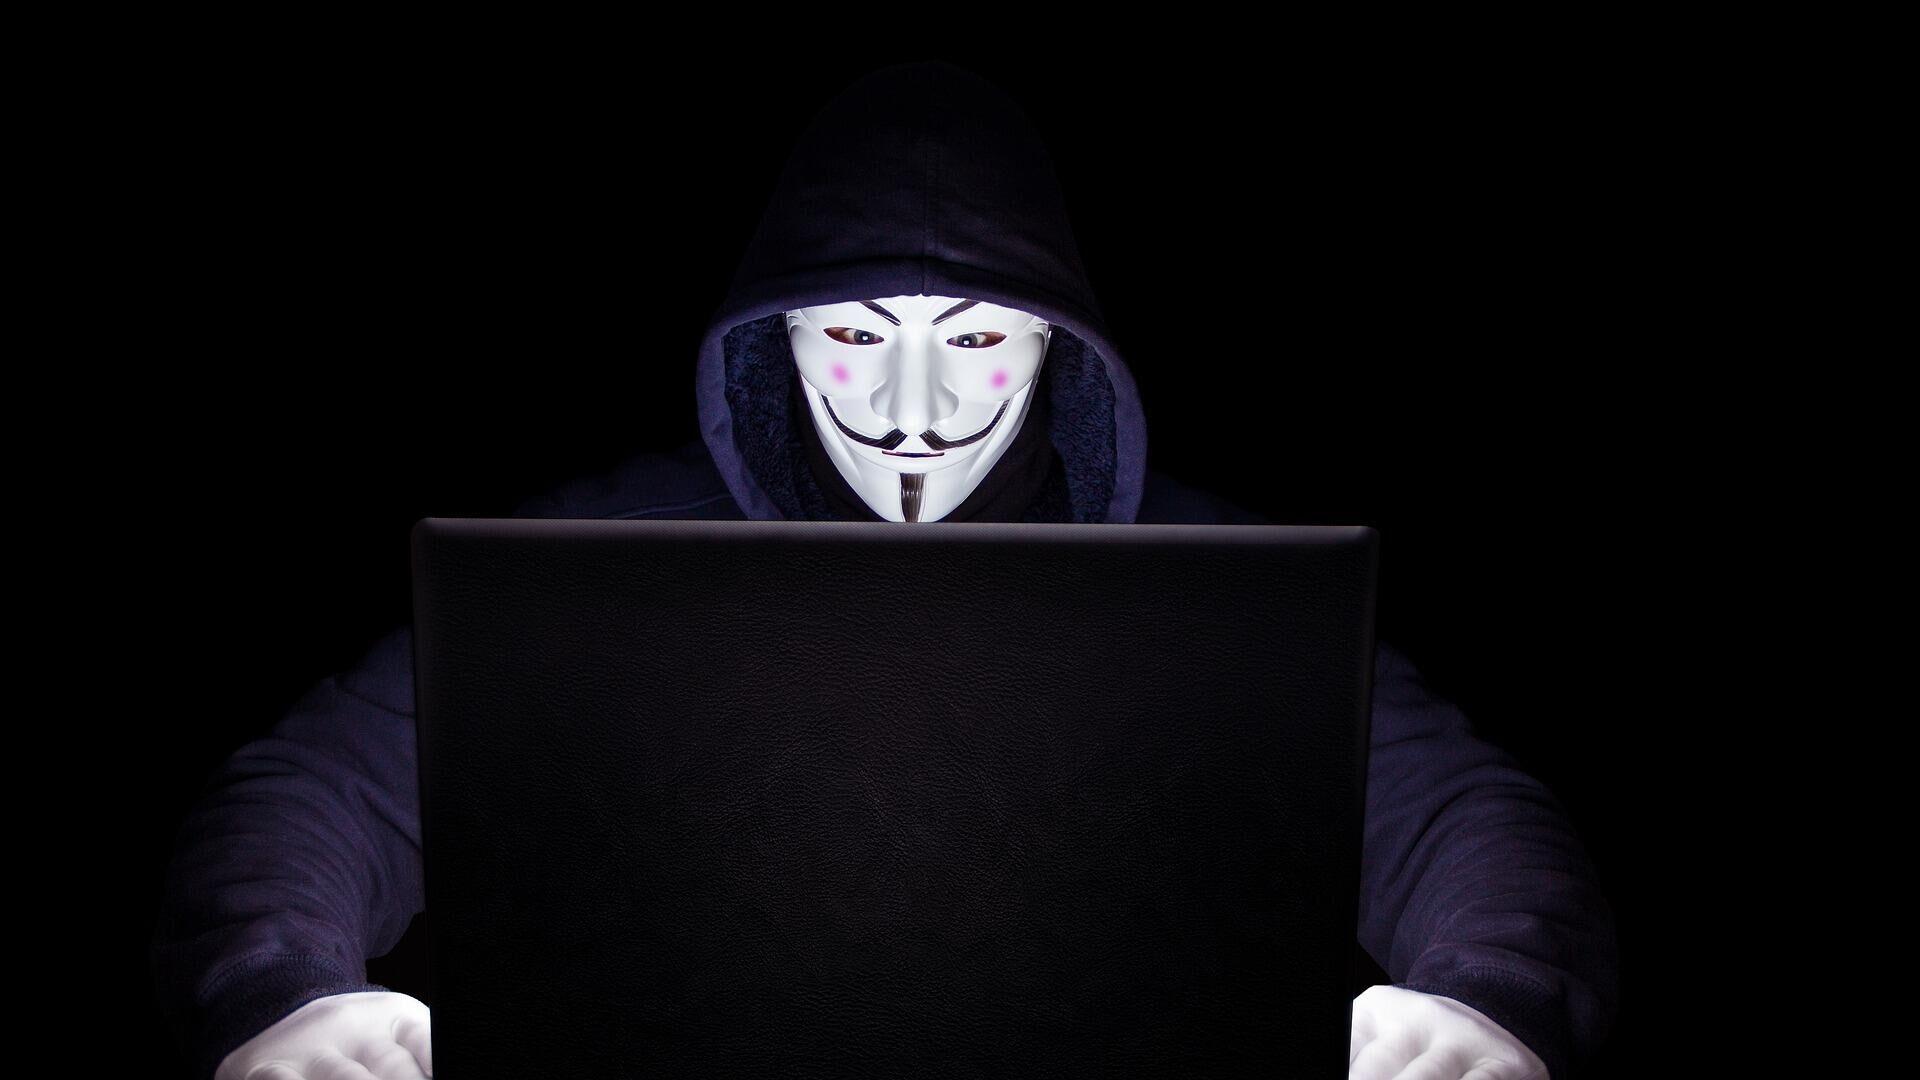 Hacker (Symbolbild) - SNA, 1920, 09.03.2021